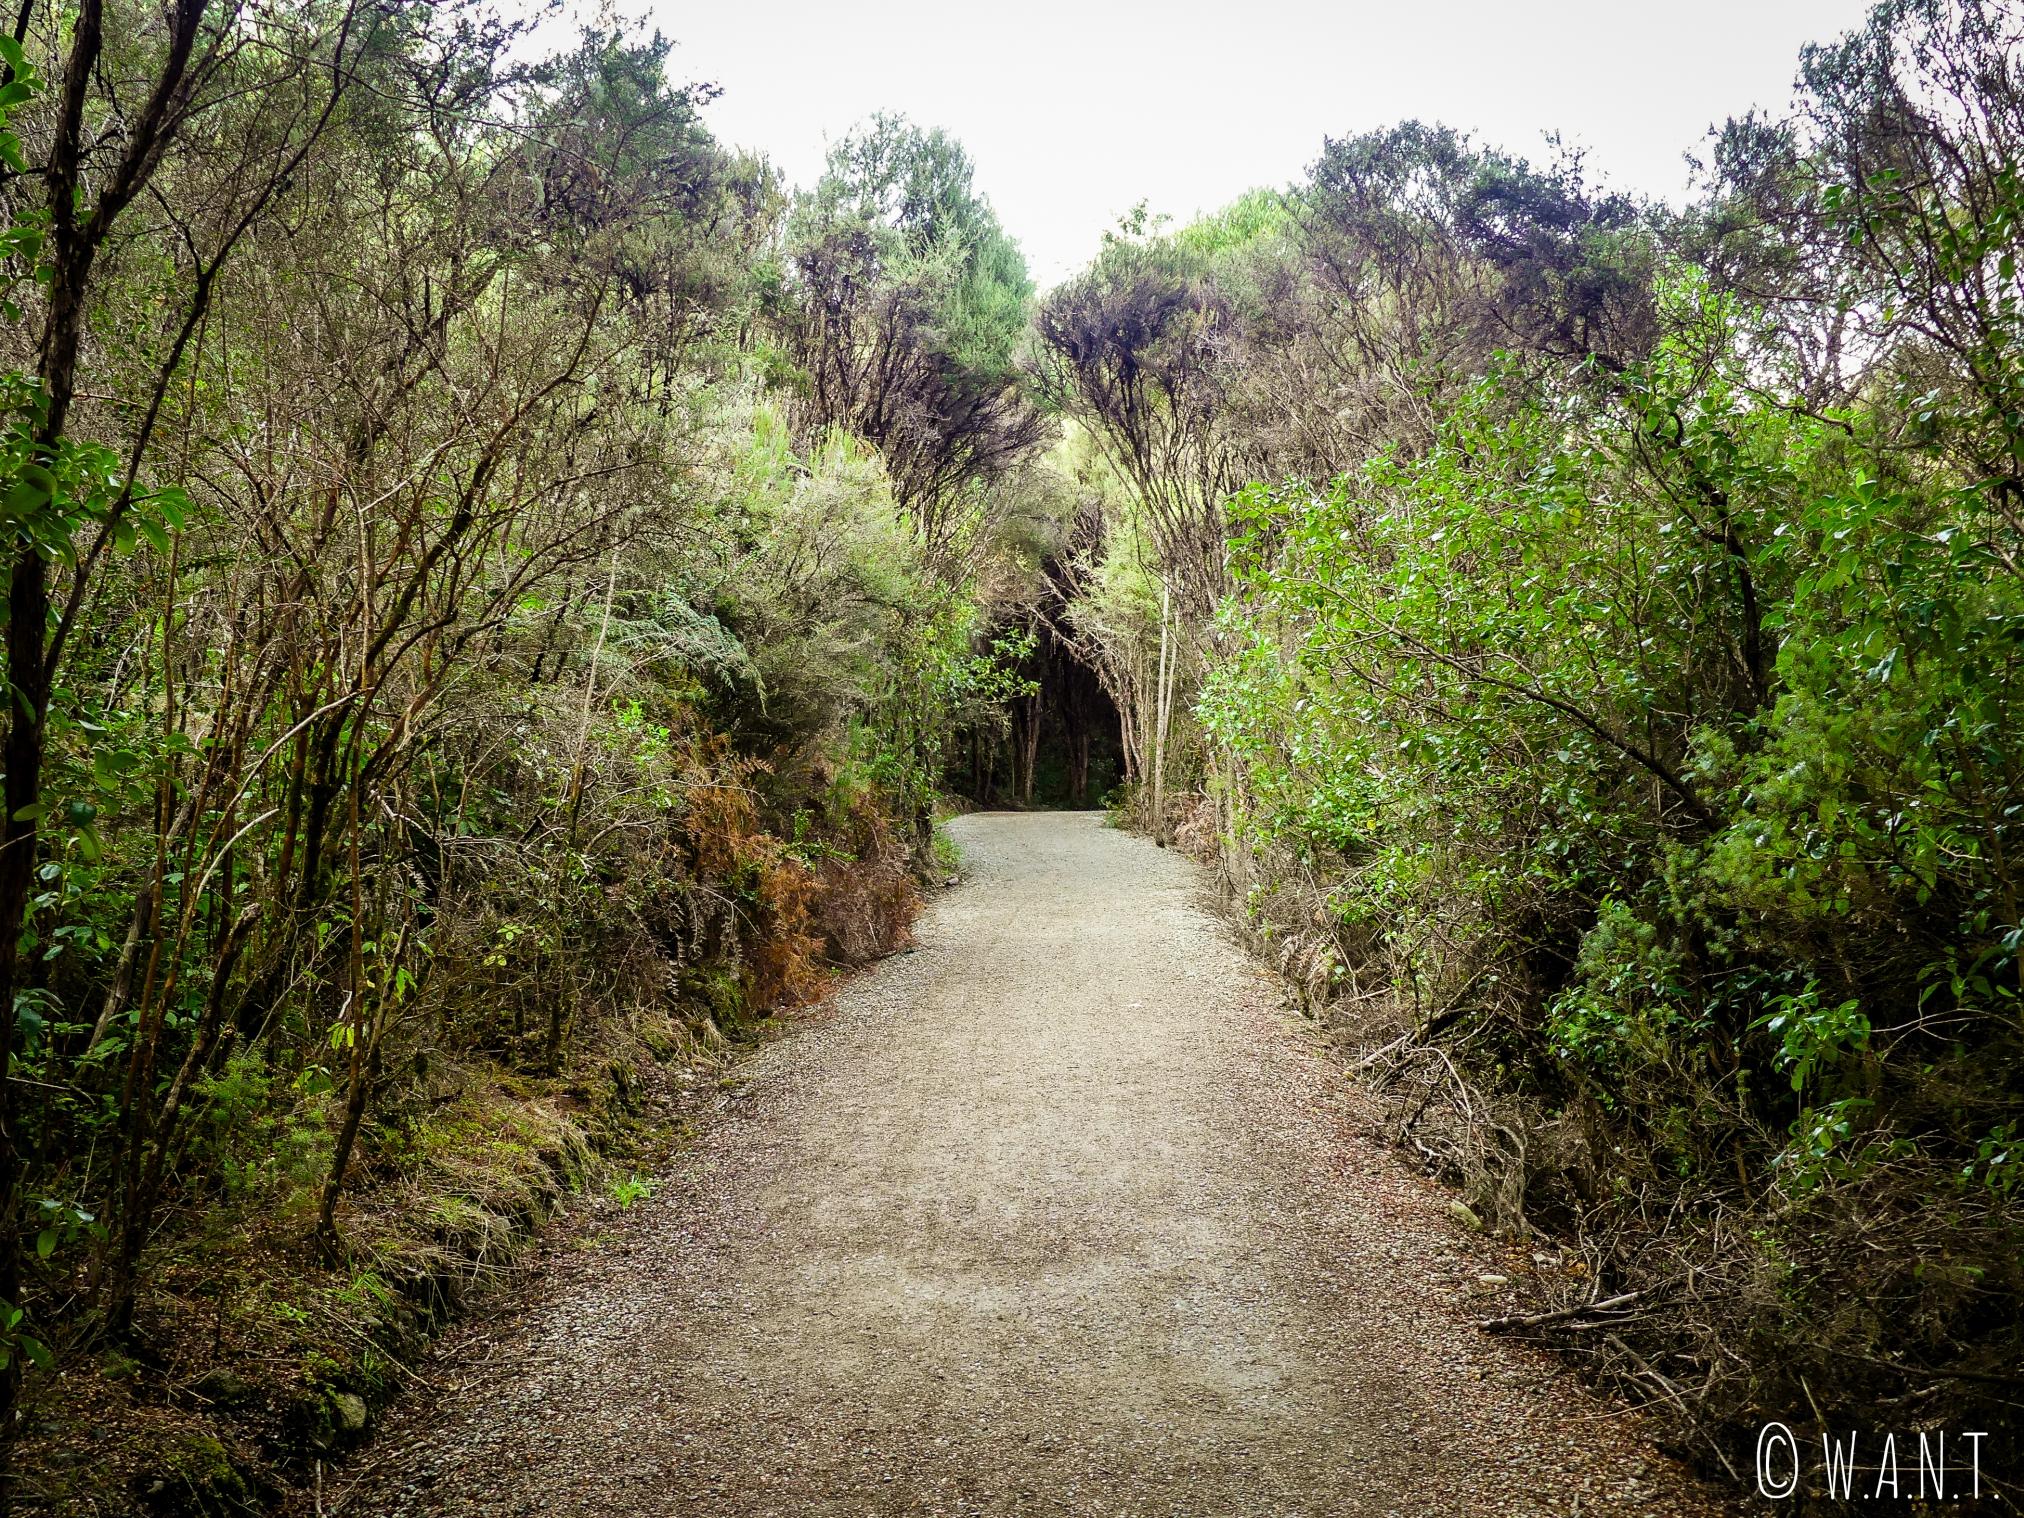 Promenade en sous-bois dans la ville de Te Anau en Nouvelle-Zélande